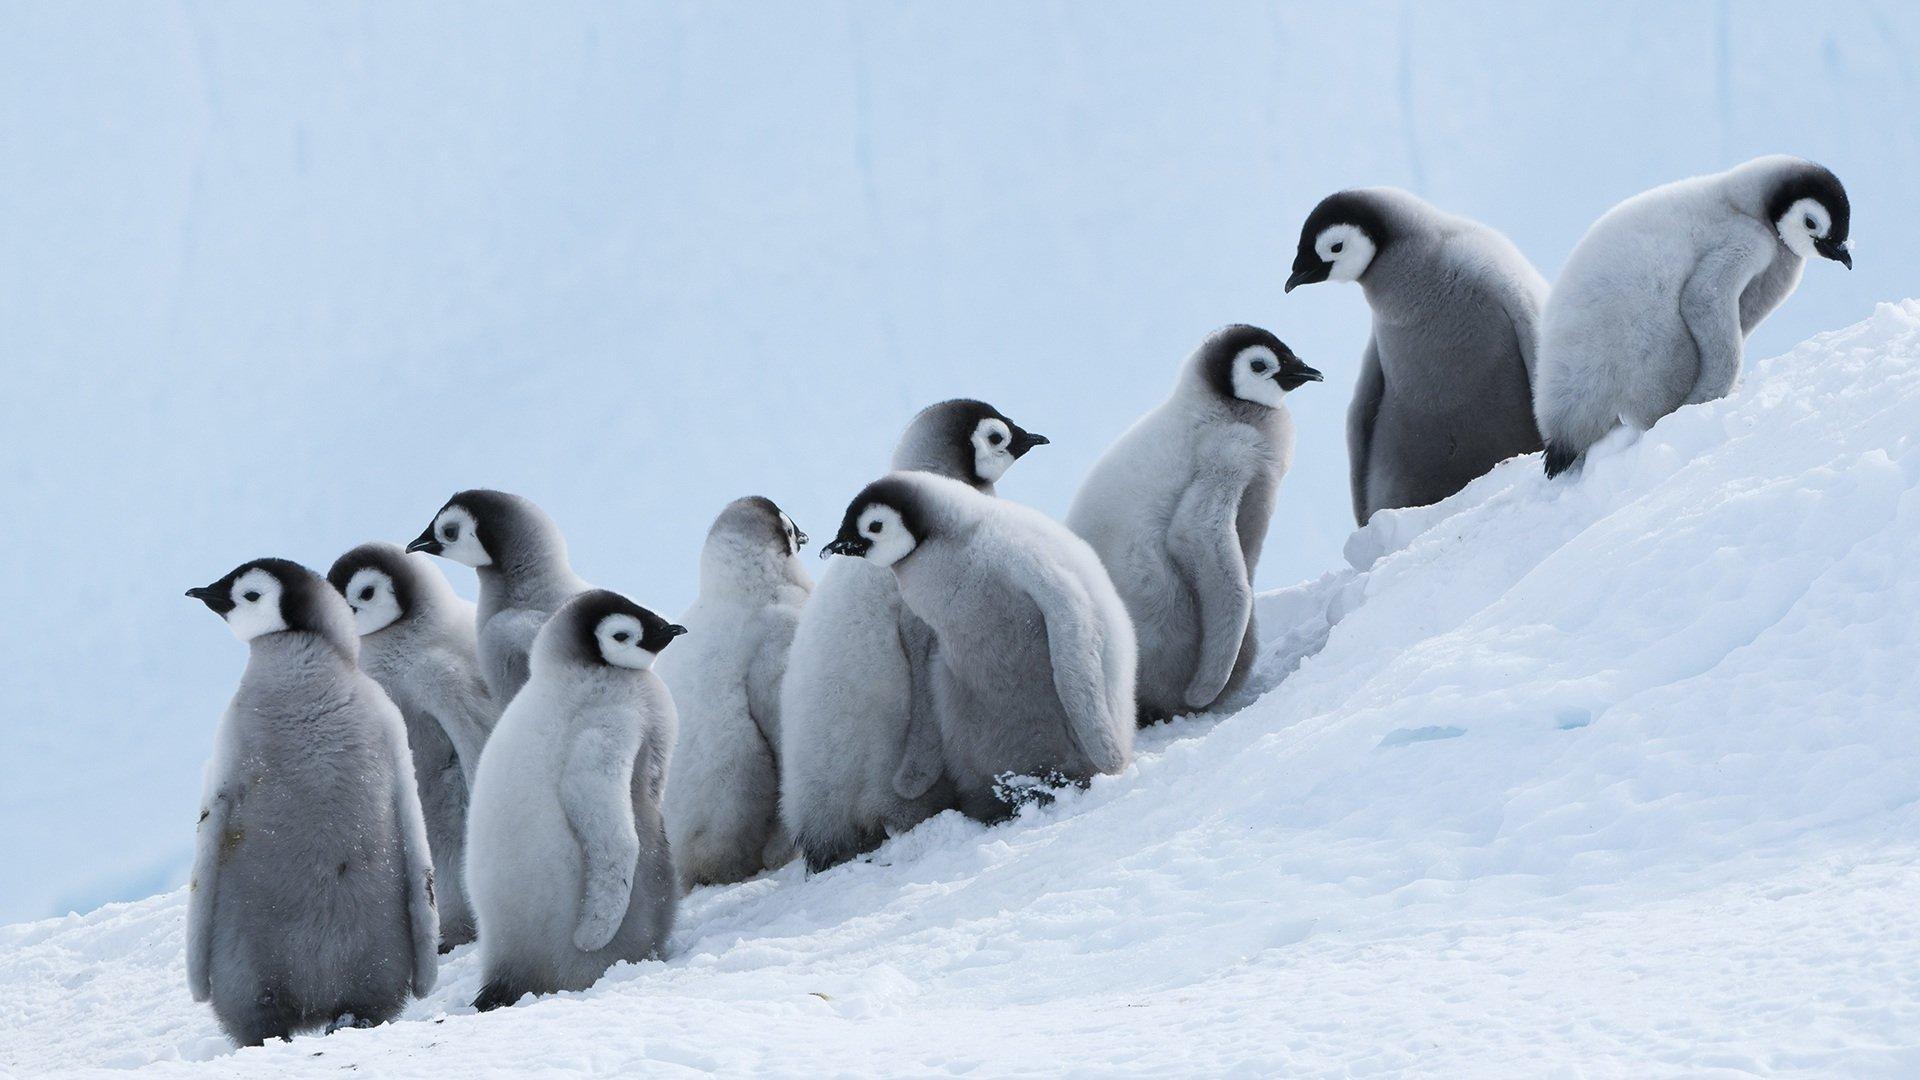 萌宠动物,极地物种,企鹅,雪地